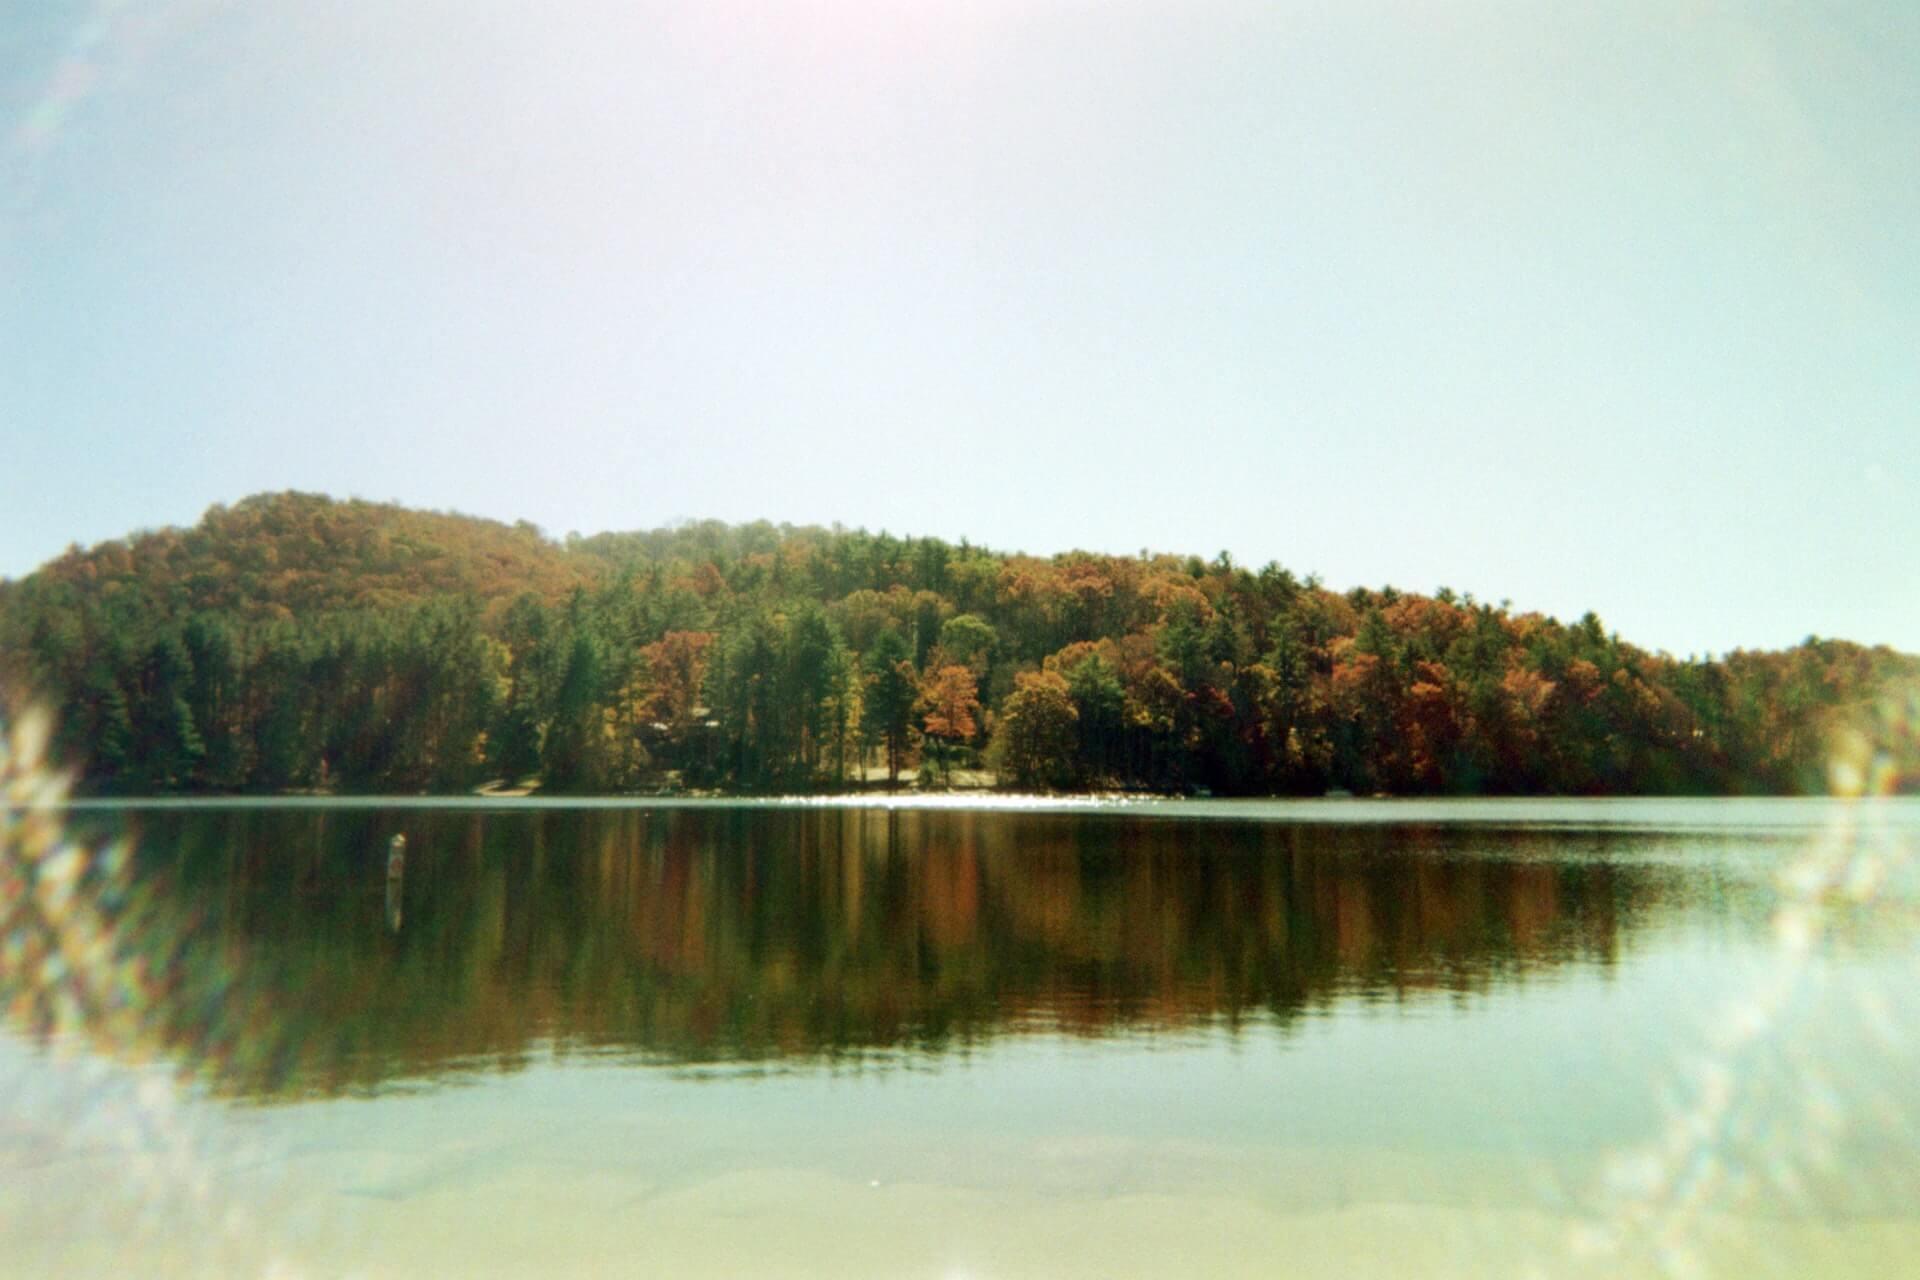 Cabins in Lake Glenville